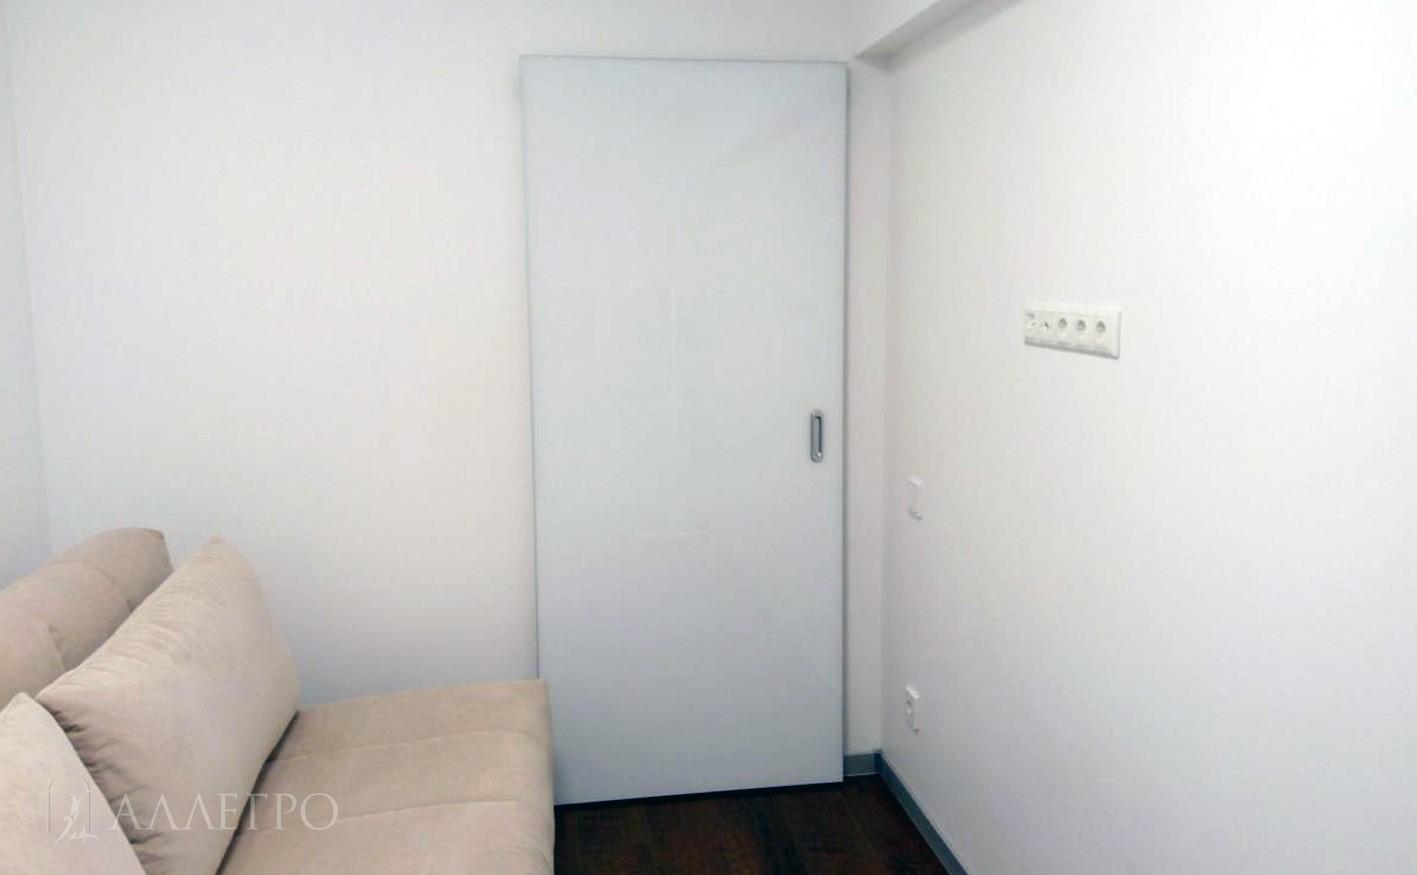 Раздвижная дверь с механизмом HIDDEN в закрытом виде с стеклянным полотном со стороны комнаты